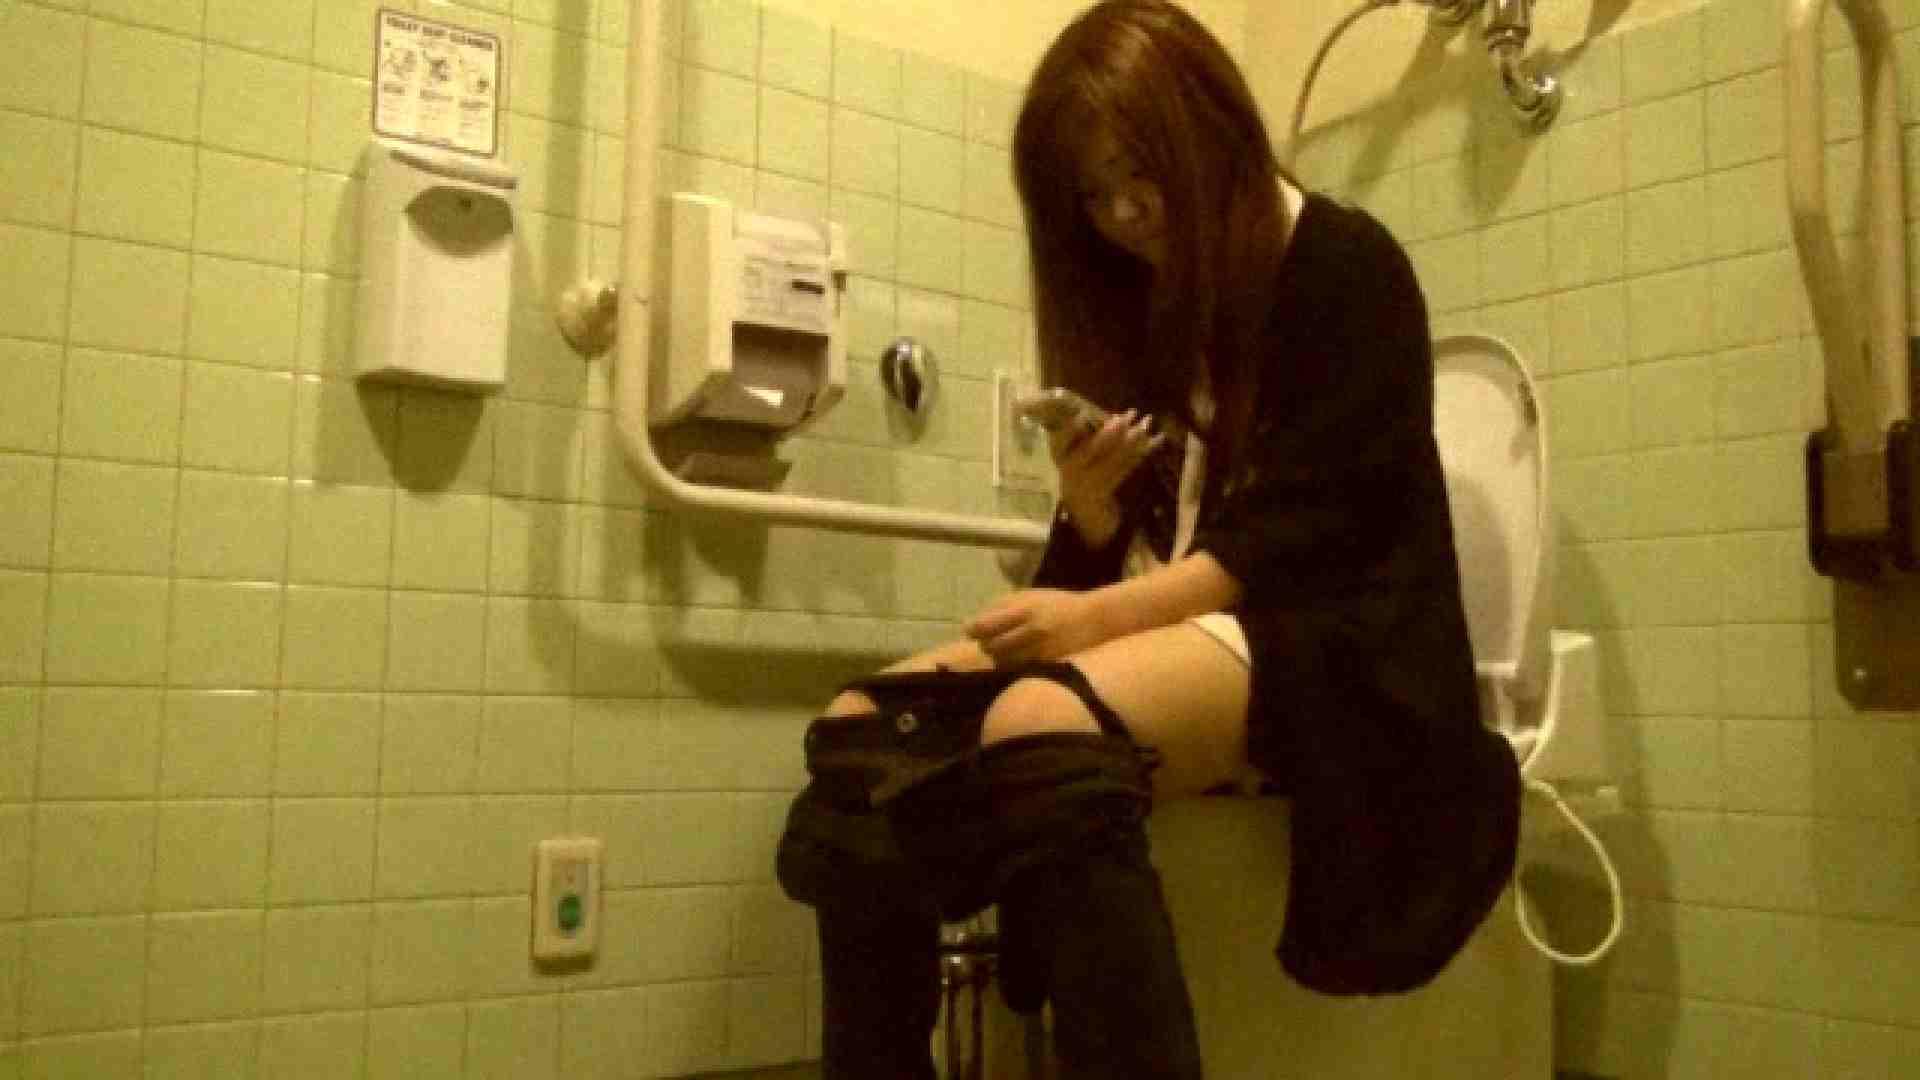 魔術師の お・も・て・な・し vol.26 19歳のバーの店員さんの洗面所をしばし… 洗面所  60枚 43